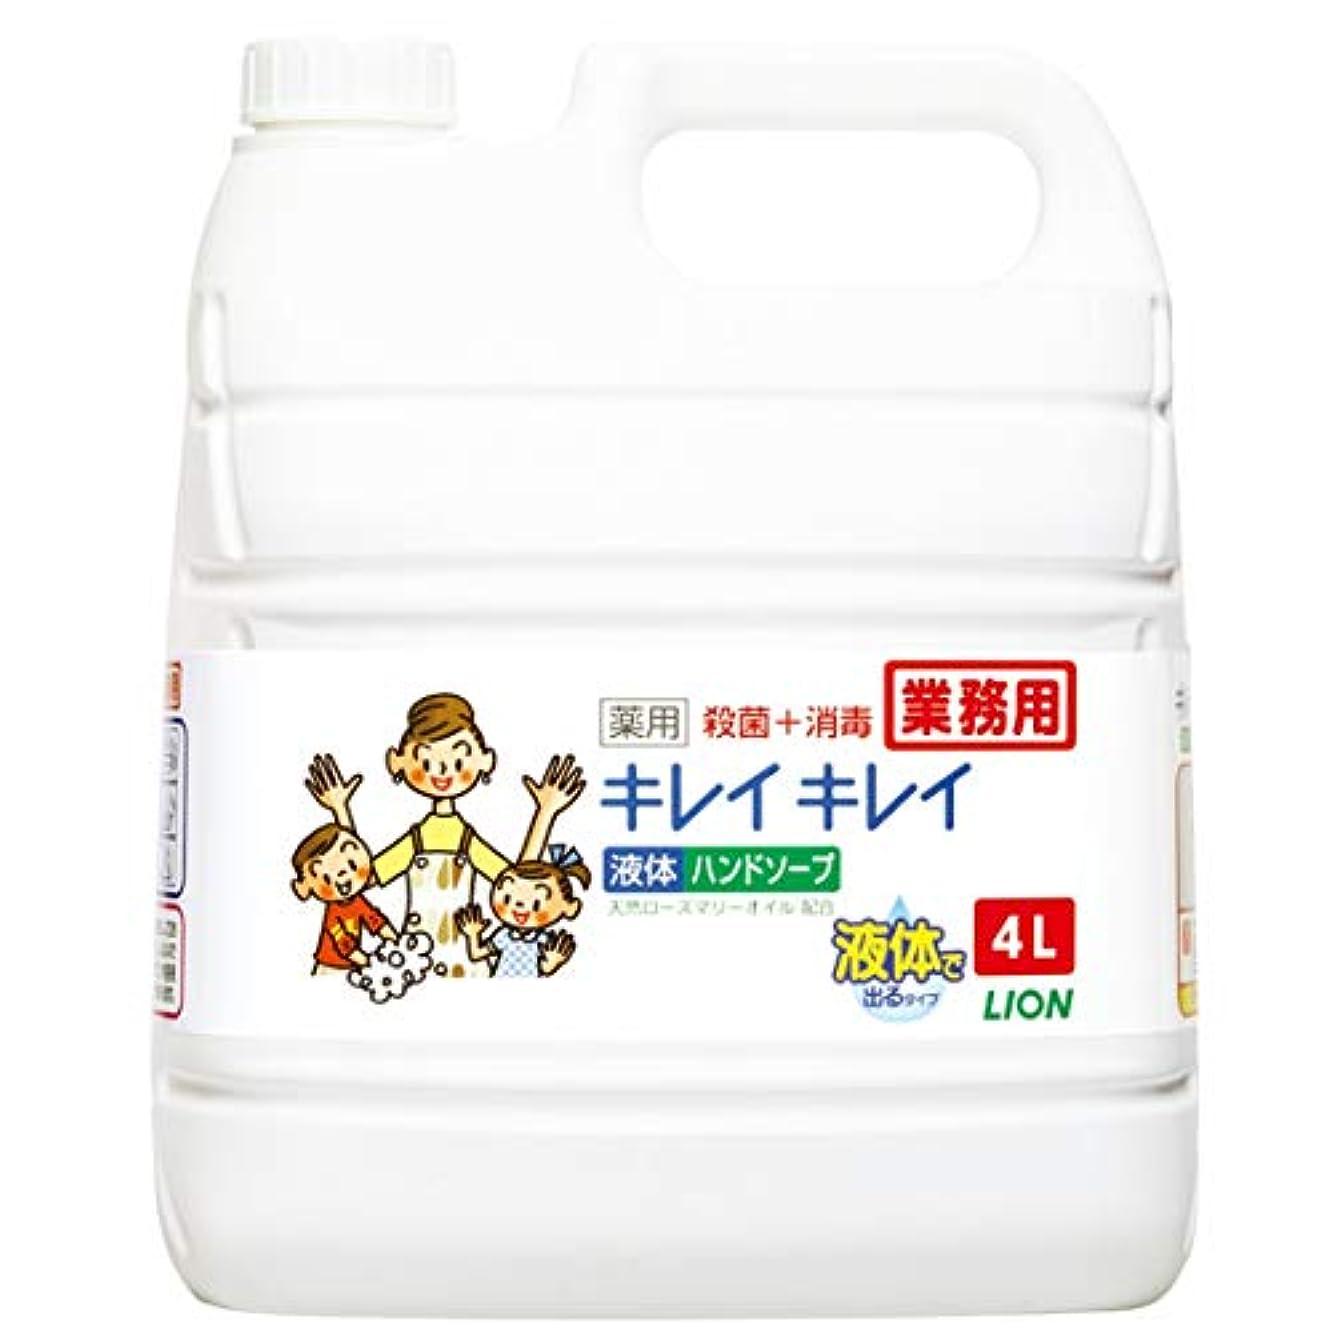 ブリード持っているレキシコン【業務用 大容量】キレイキレイ 薬用 ハンドソープ  4L(医薬部外品)